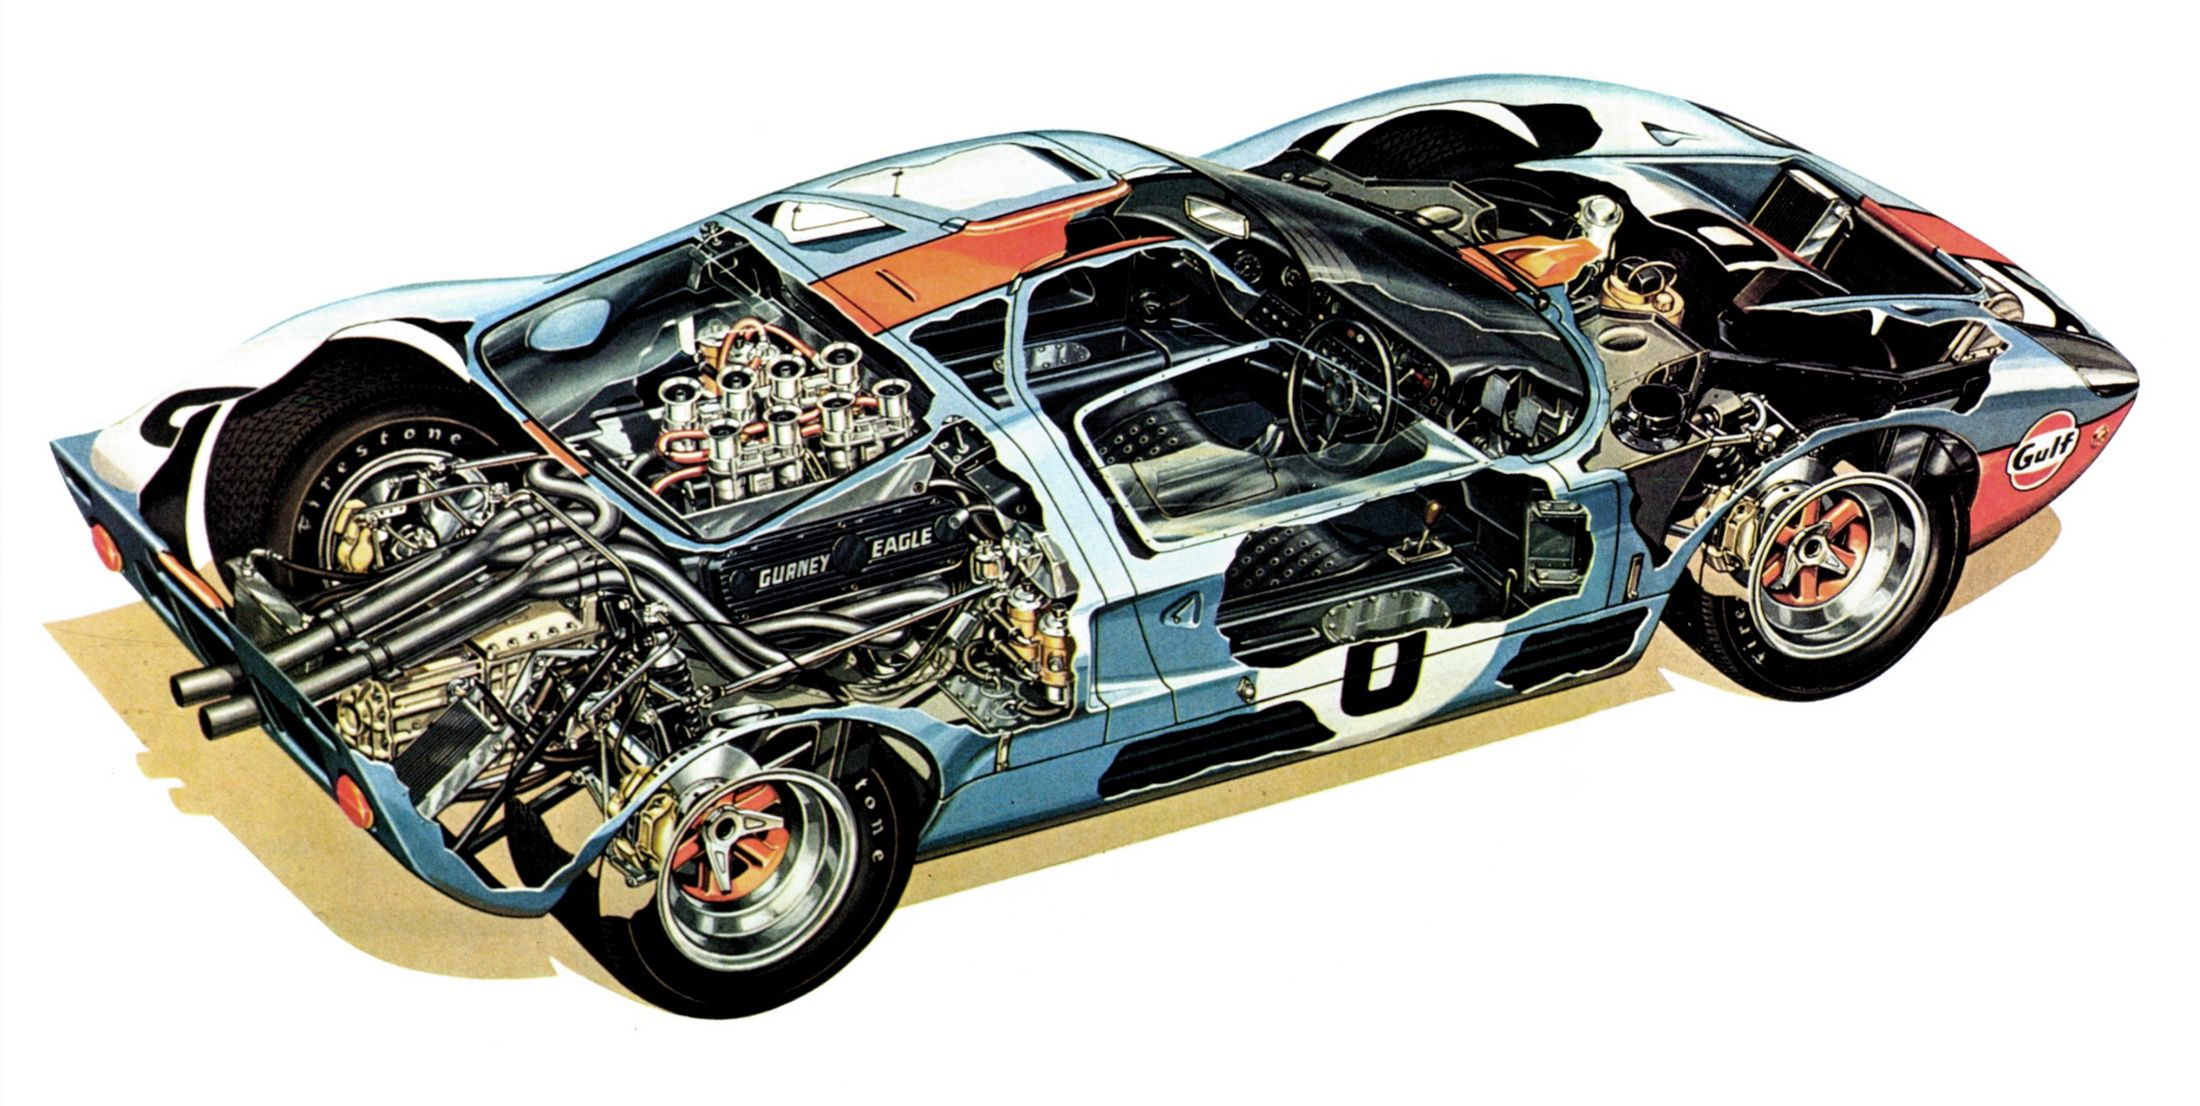 9 amazing ford gt40 cutaways motorsport retro cobra gt40 9 amazing ford gt40 cutaways motorsport retro